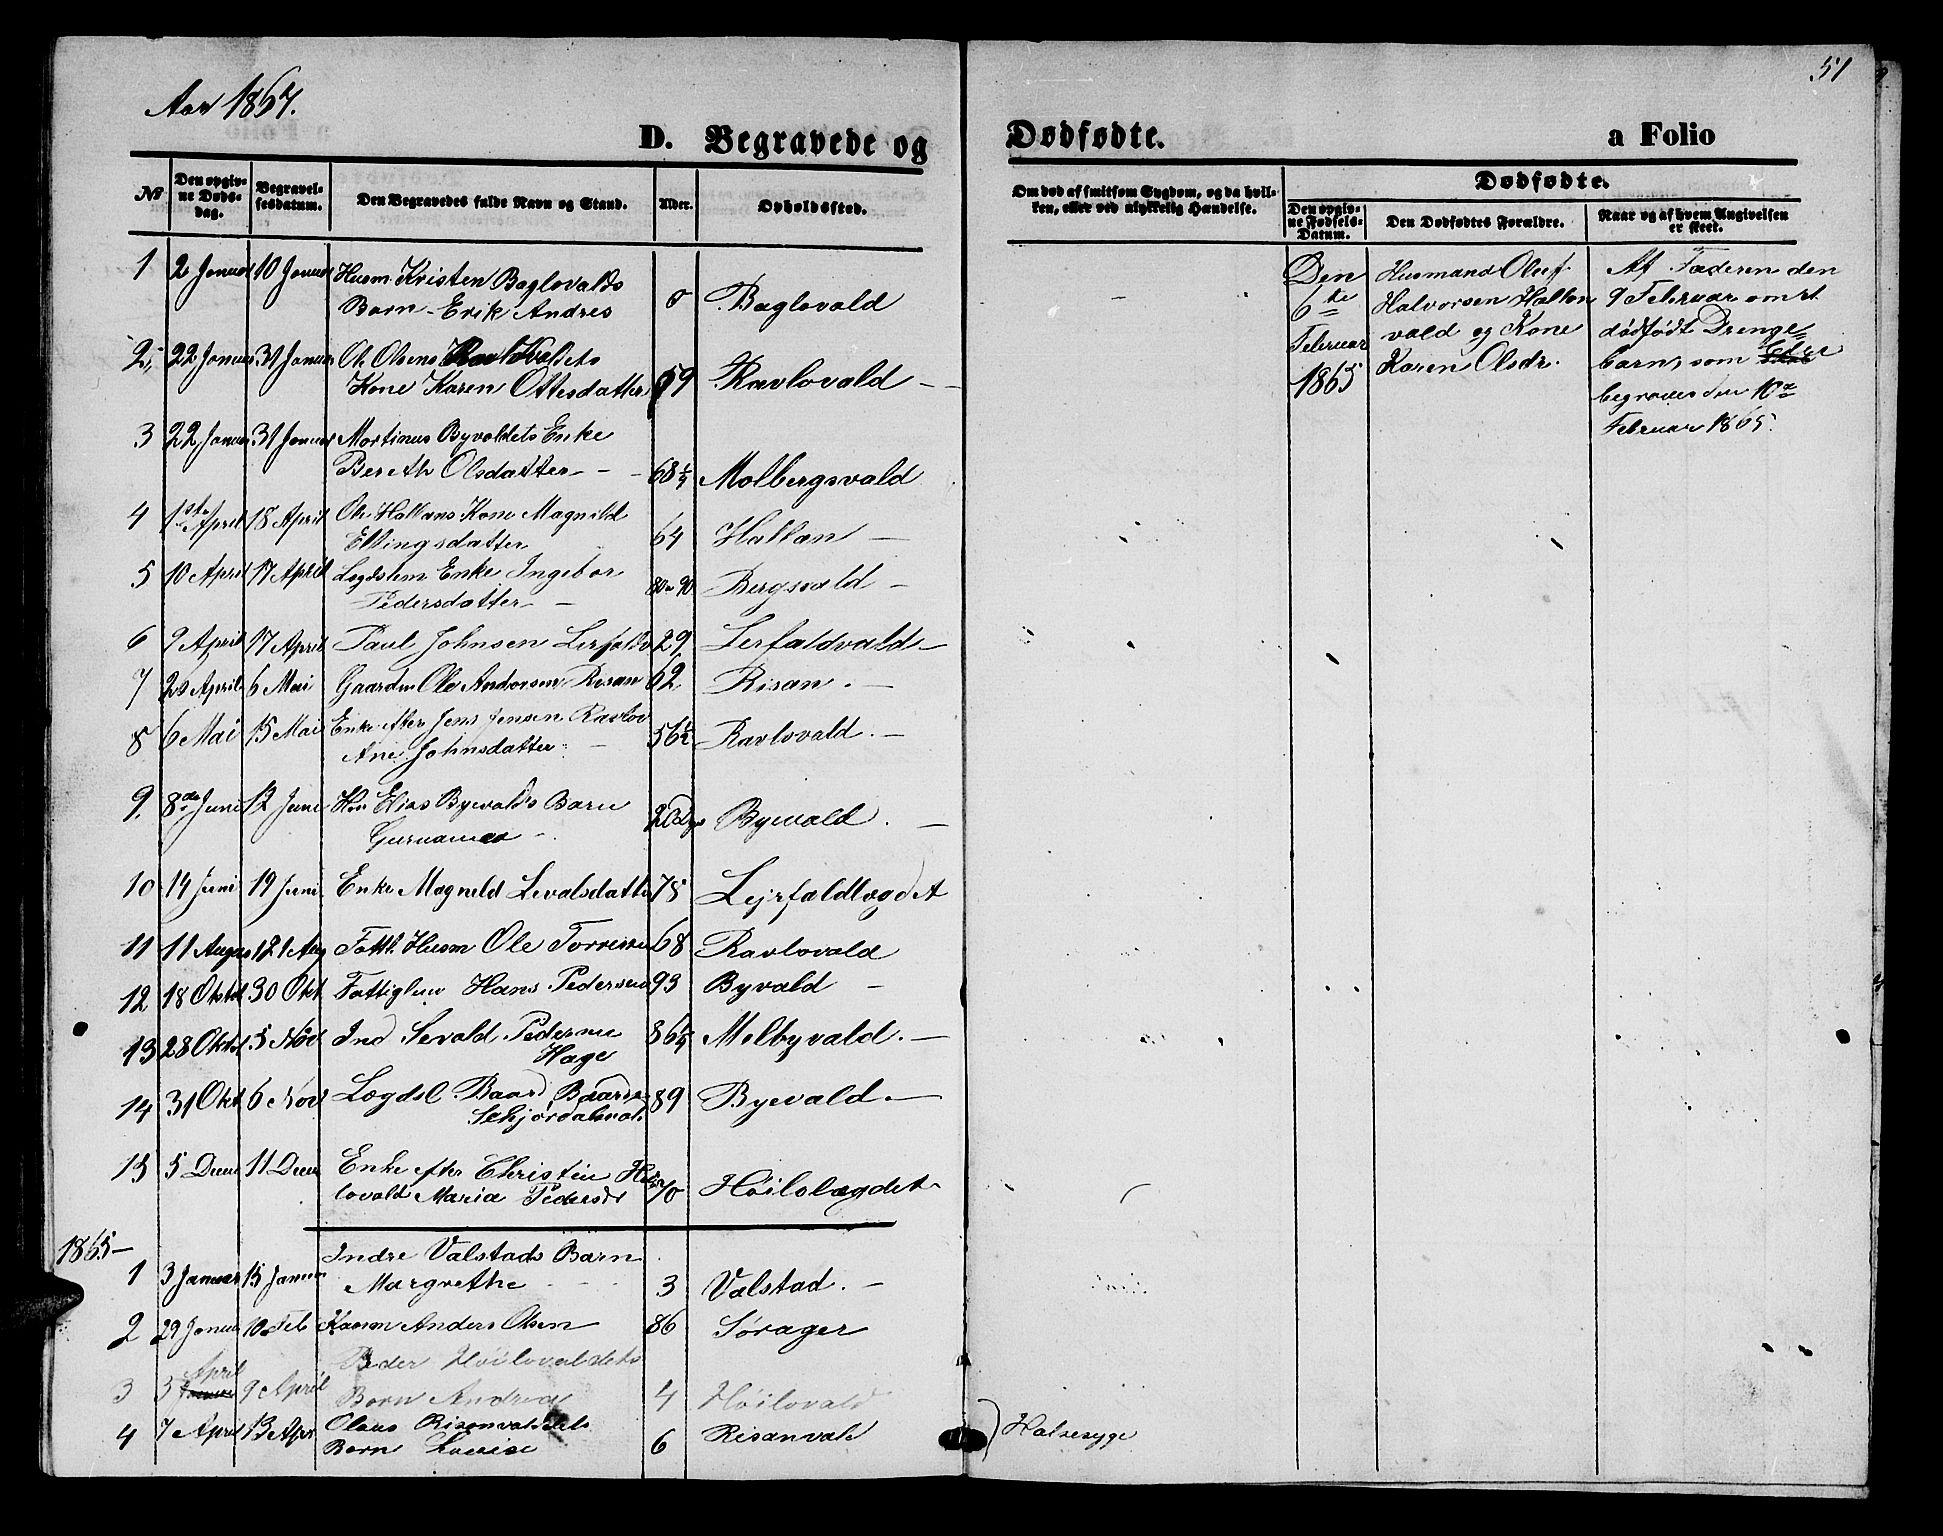 SAT, Ministerialprotokoller, klokkerbøker og fødselsregistre - Nord-Trøndelag, 726/L0270: Klokkerbok nr. 726C01, 1858-1868, s. 51